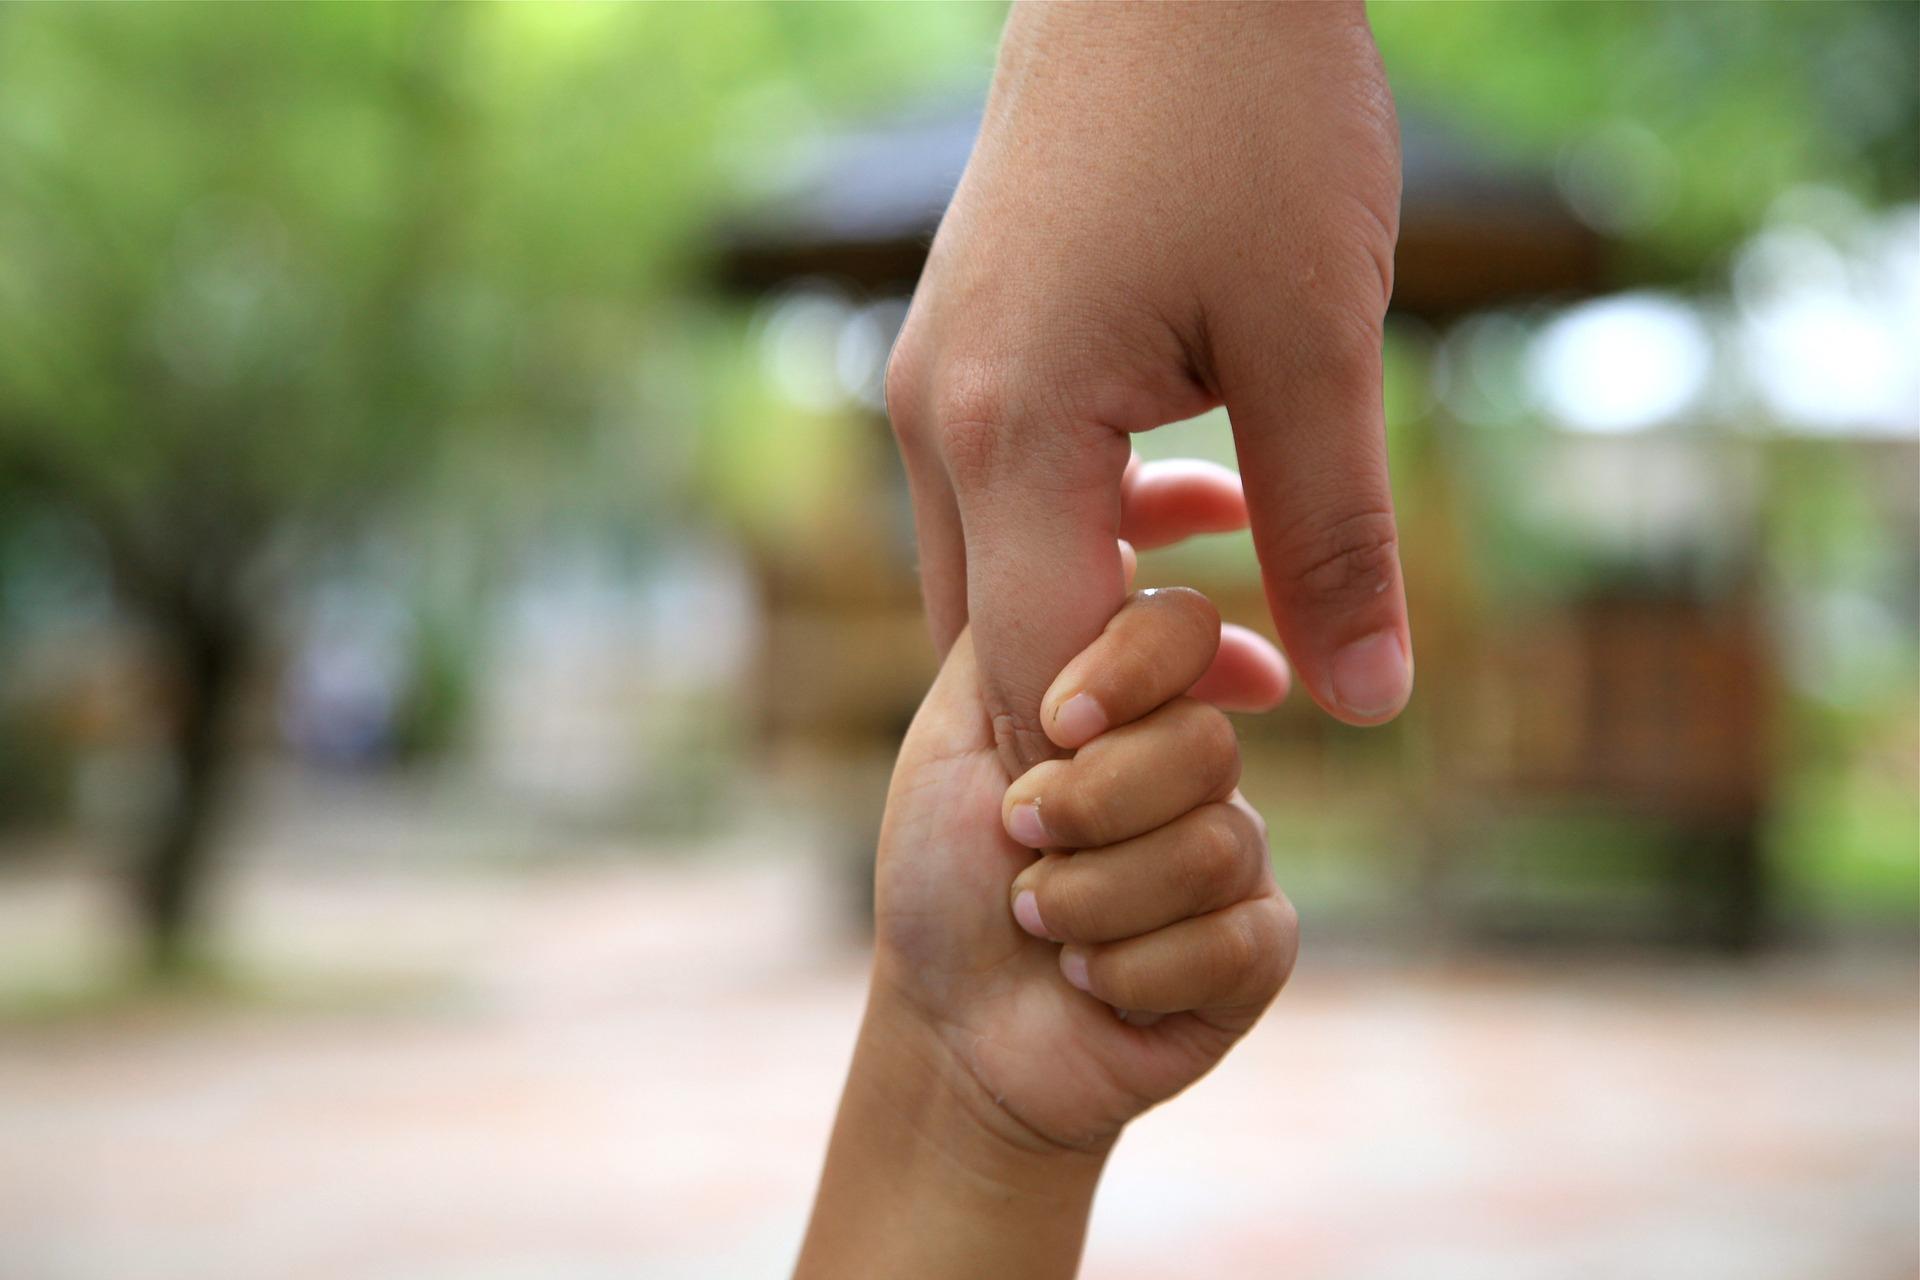 Les Besoins Des Enfants De 3 À 6 Ans : À L'école De S concernant Jeux De Connaissance 3 4 Ans